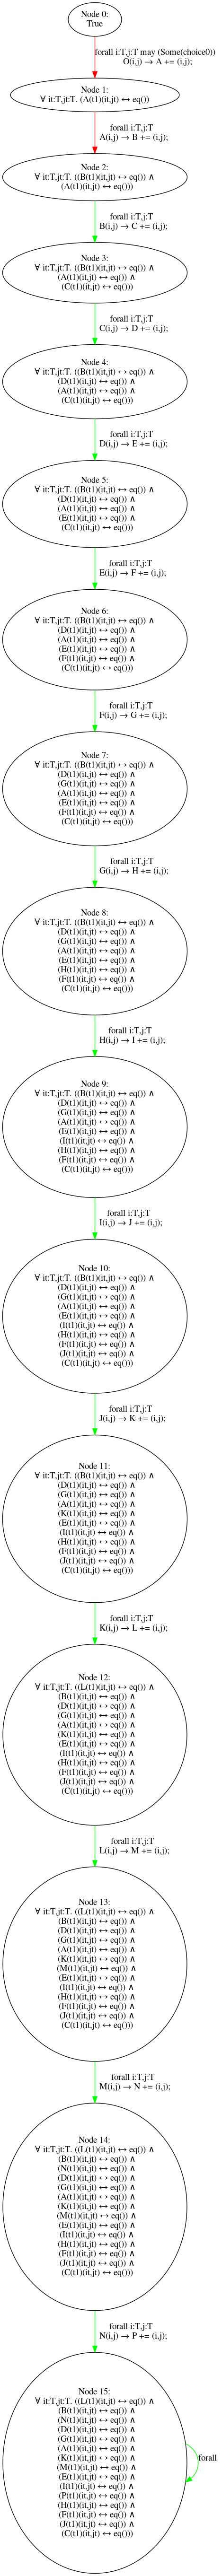 results/nonomitting/fixedarity15/fixedarity15_stubborn_alleq_14.png